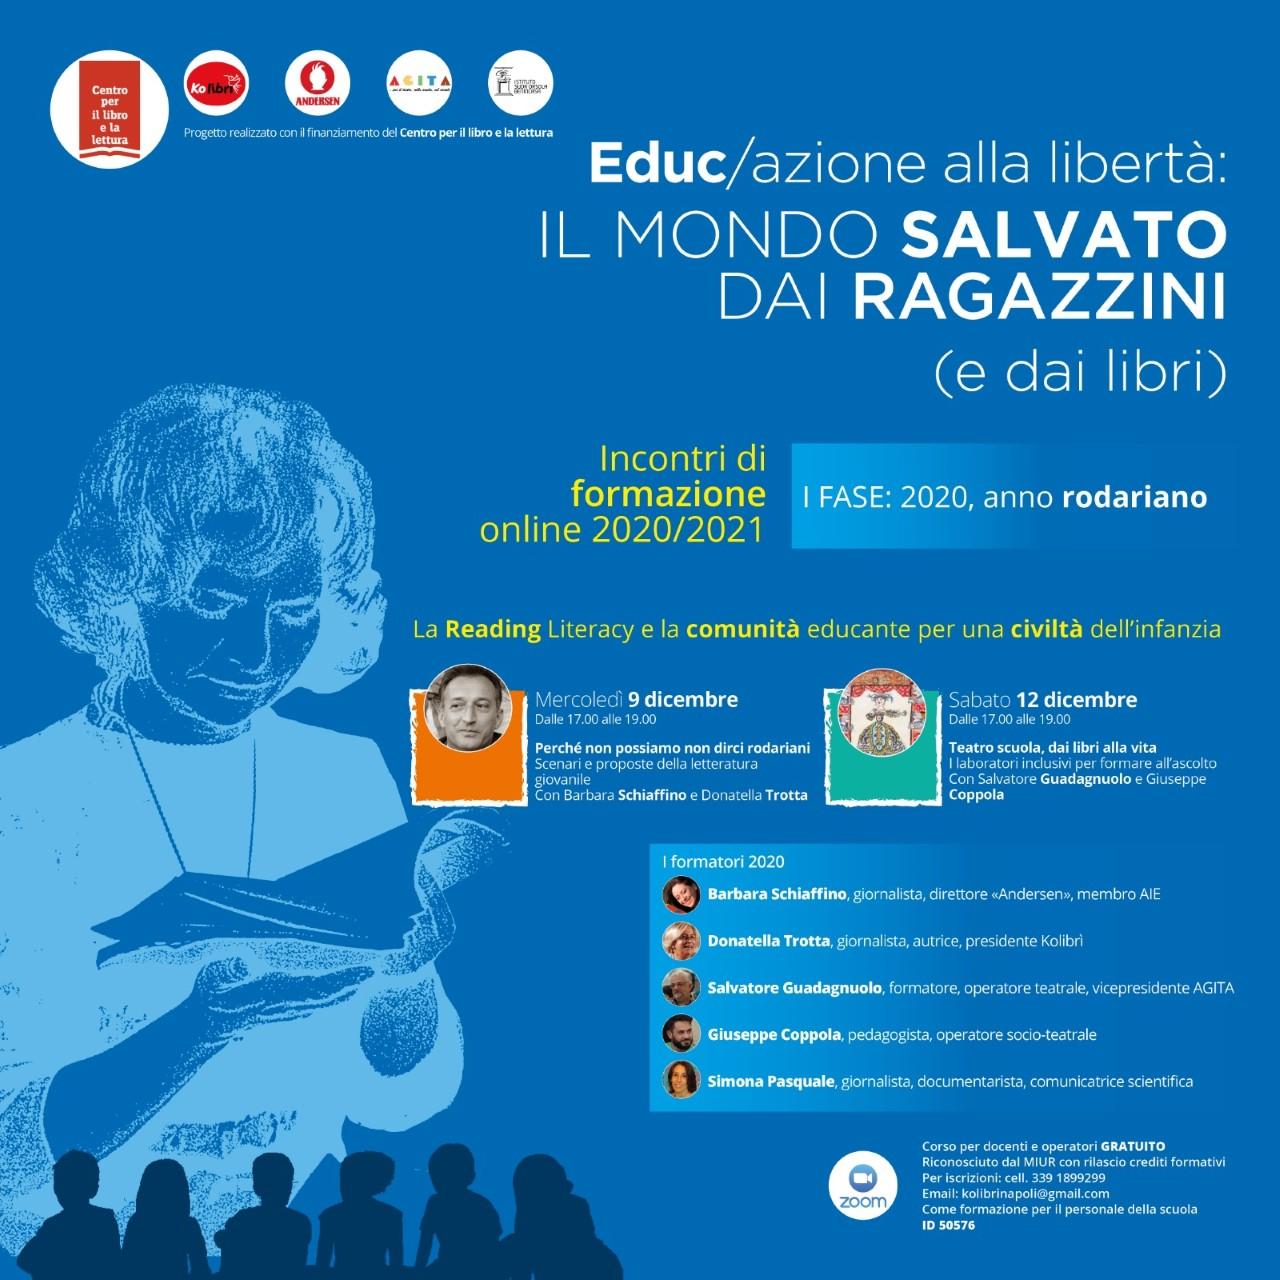 Educ/azione alla libertà: il mondo salvato dai ragazzini (e dai libri)